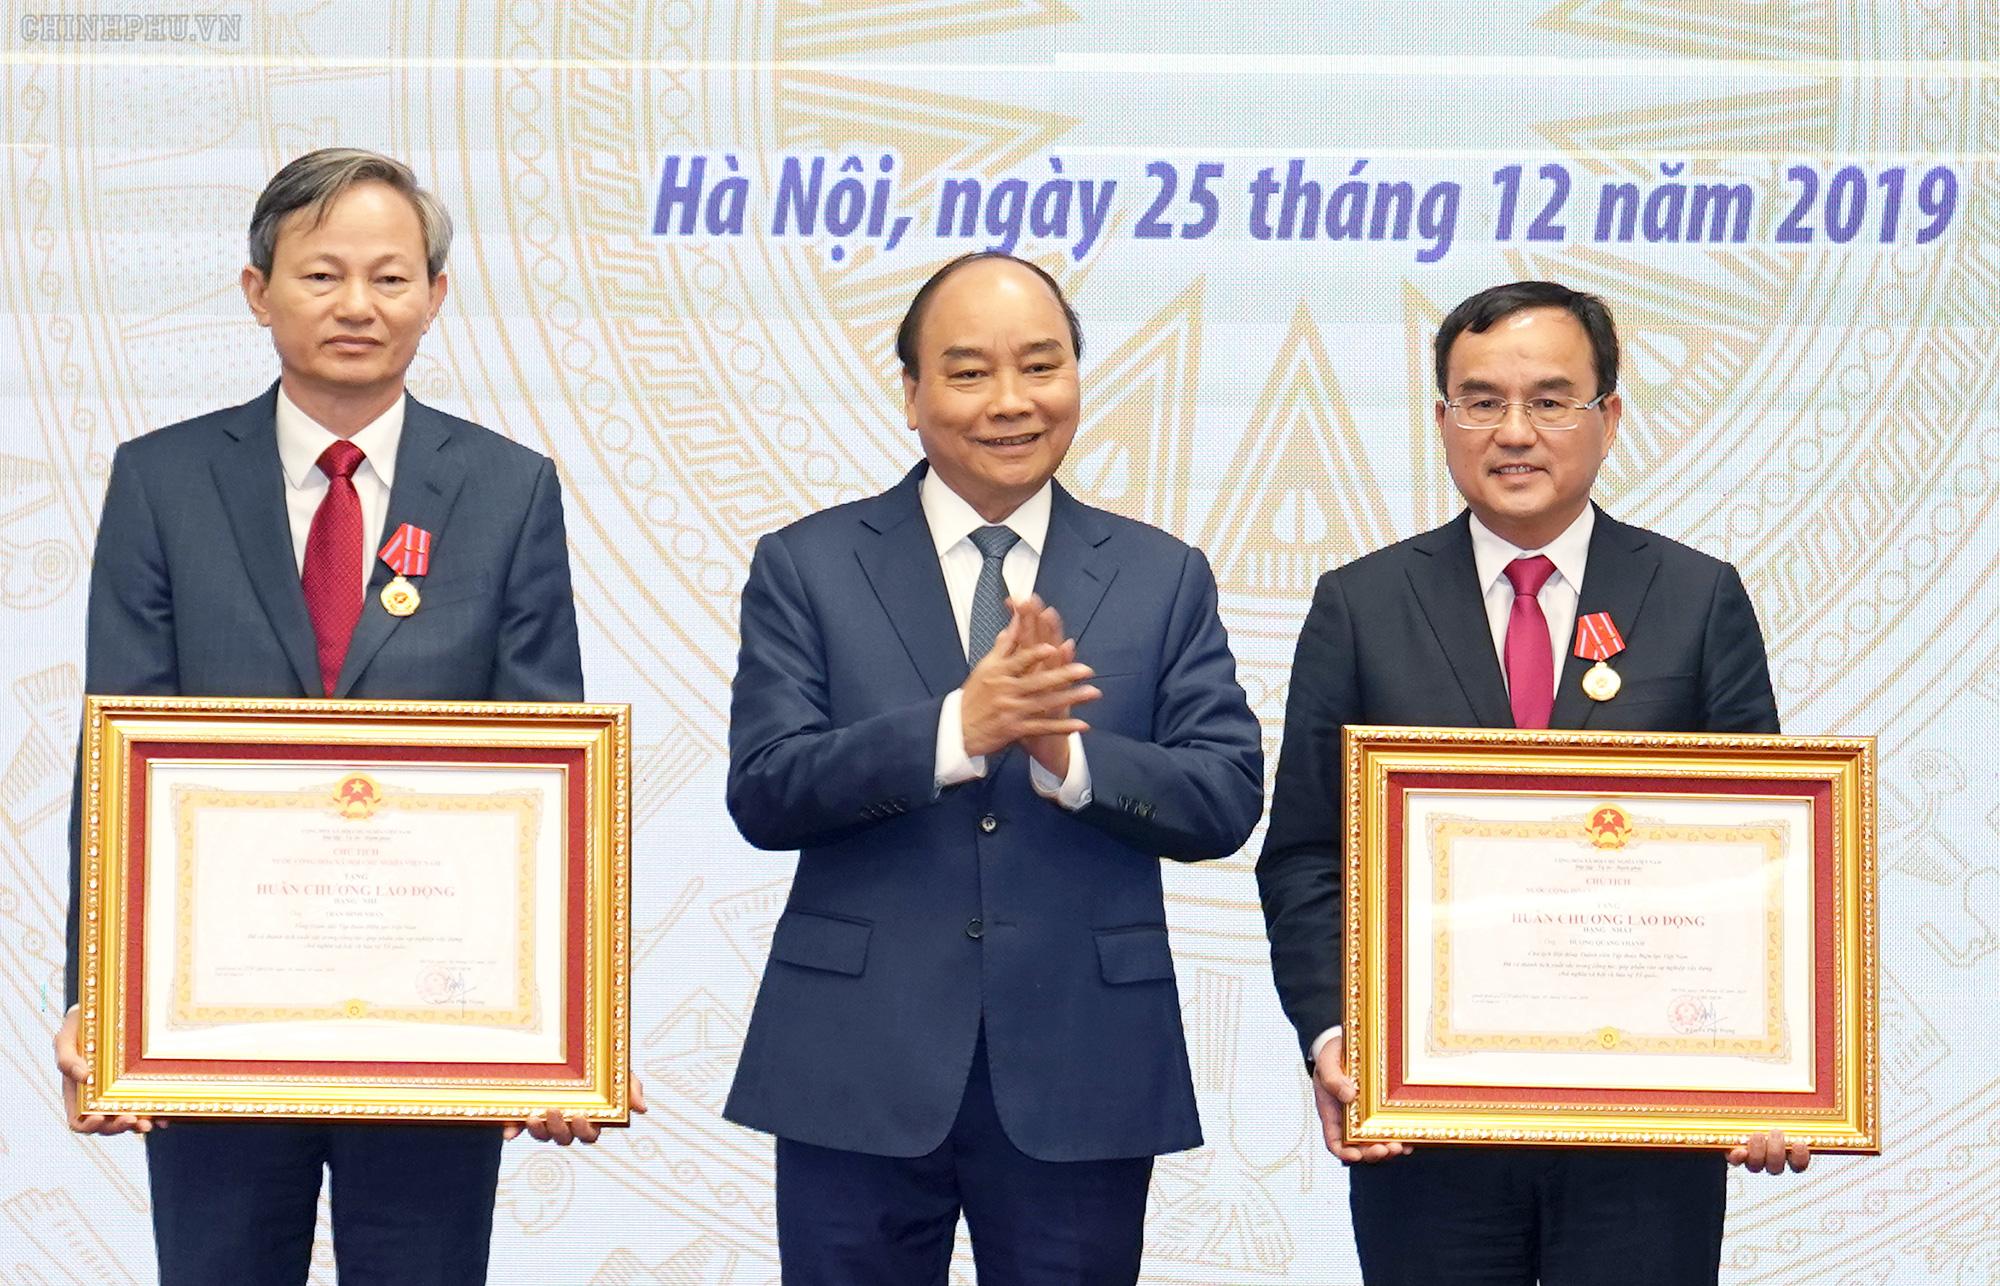 Điện lực Việt Nam hiện có 28 triệu khách hàng - Ảnh 2.